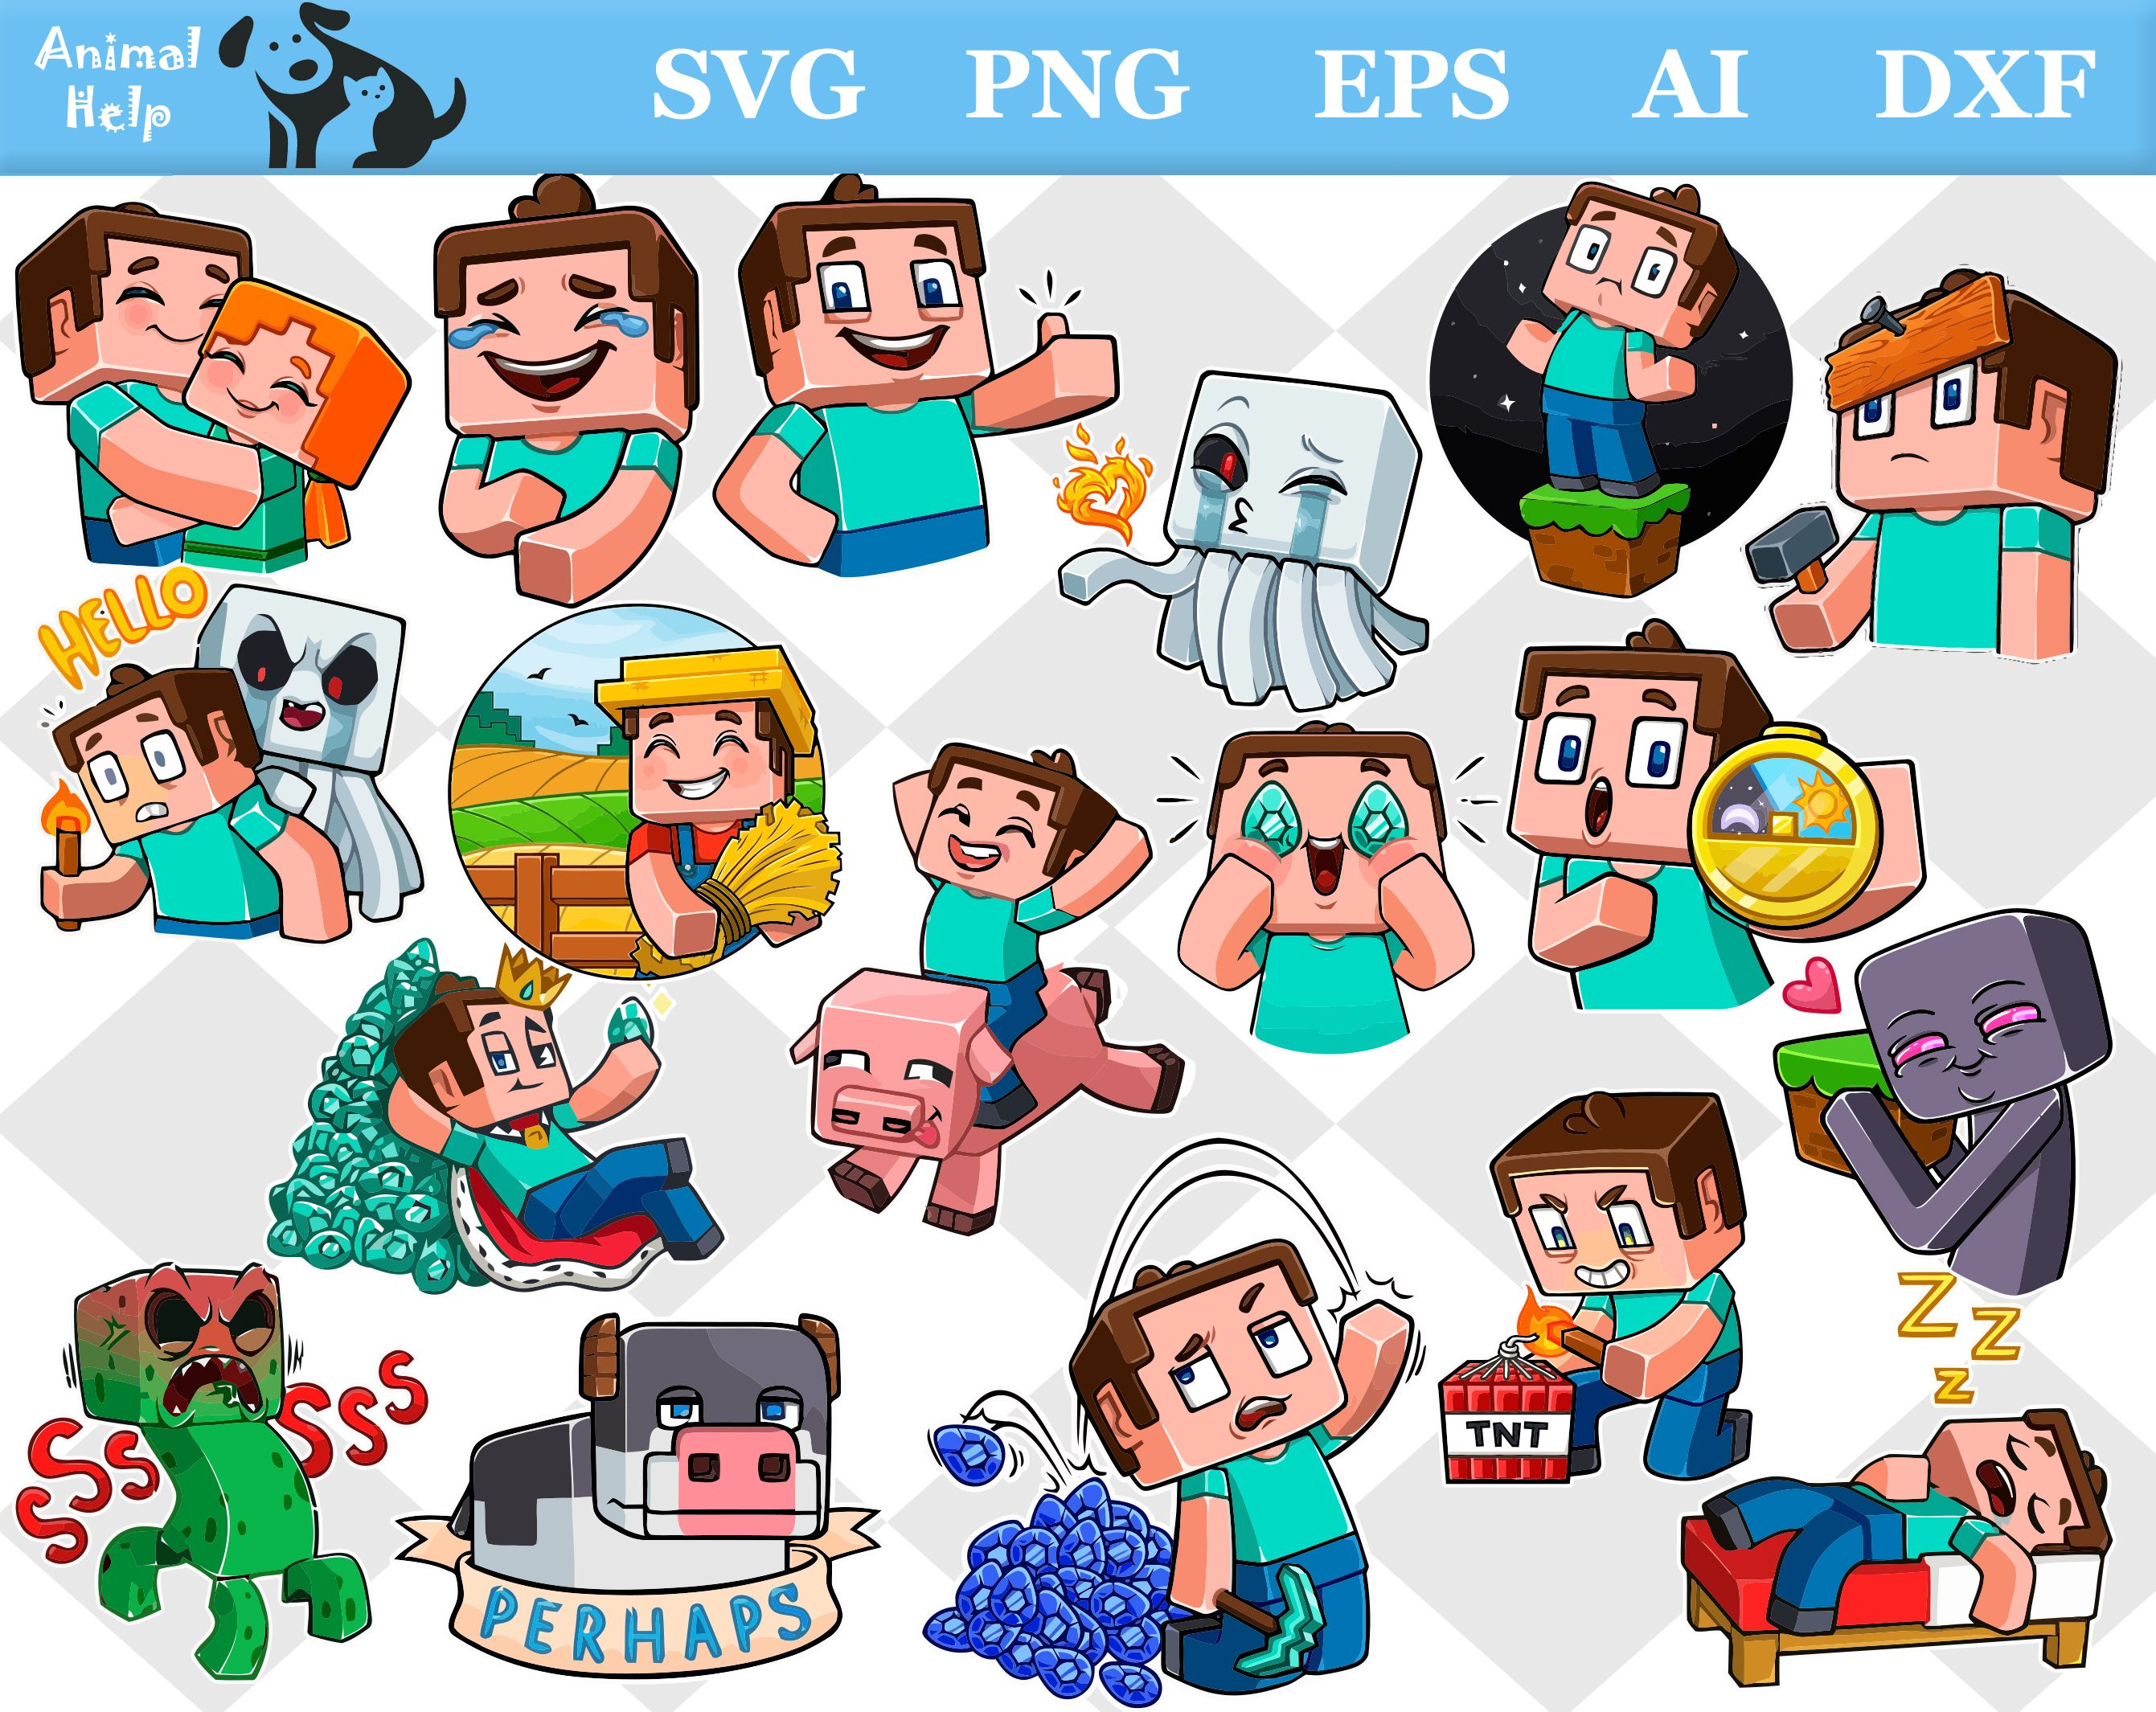 Minecraft svg, minecraft png, minecraft eps, minecraft dxf